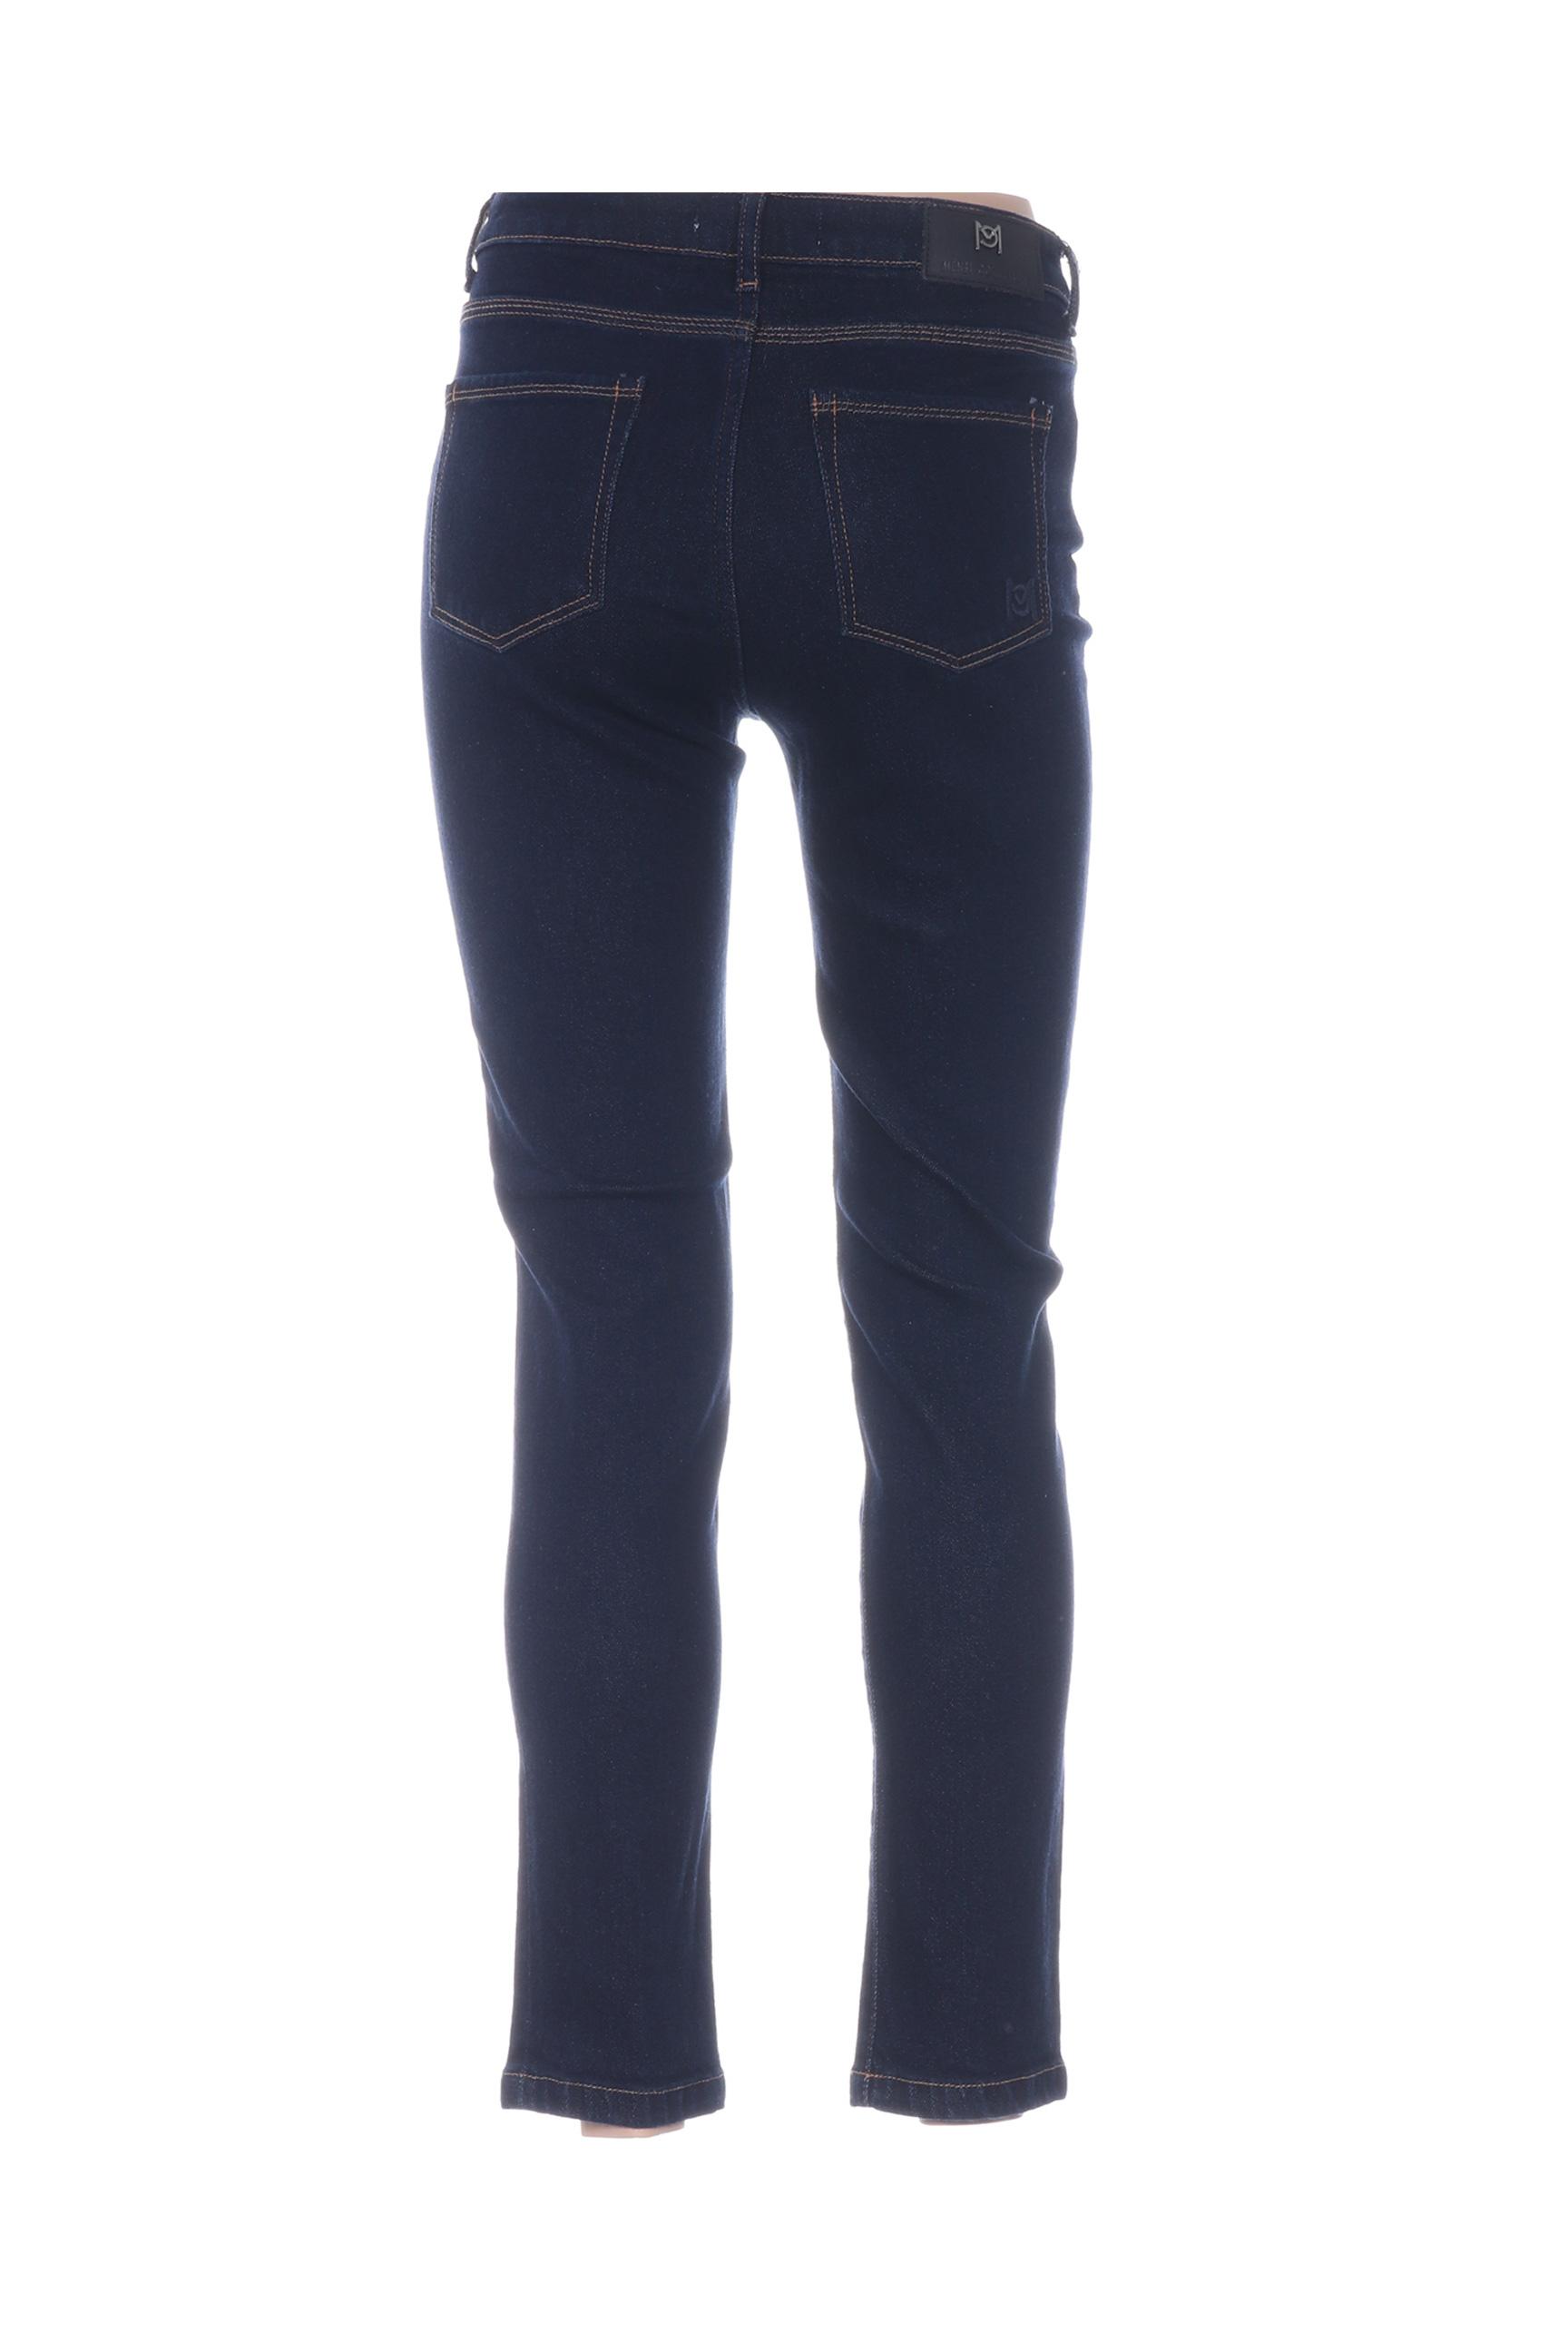 Mensi Collezione Jeans Coupe Slim Femme De Couleur Bleu En Soldes Pas Cher 1283610-bleu00